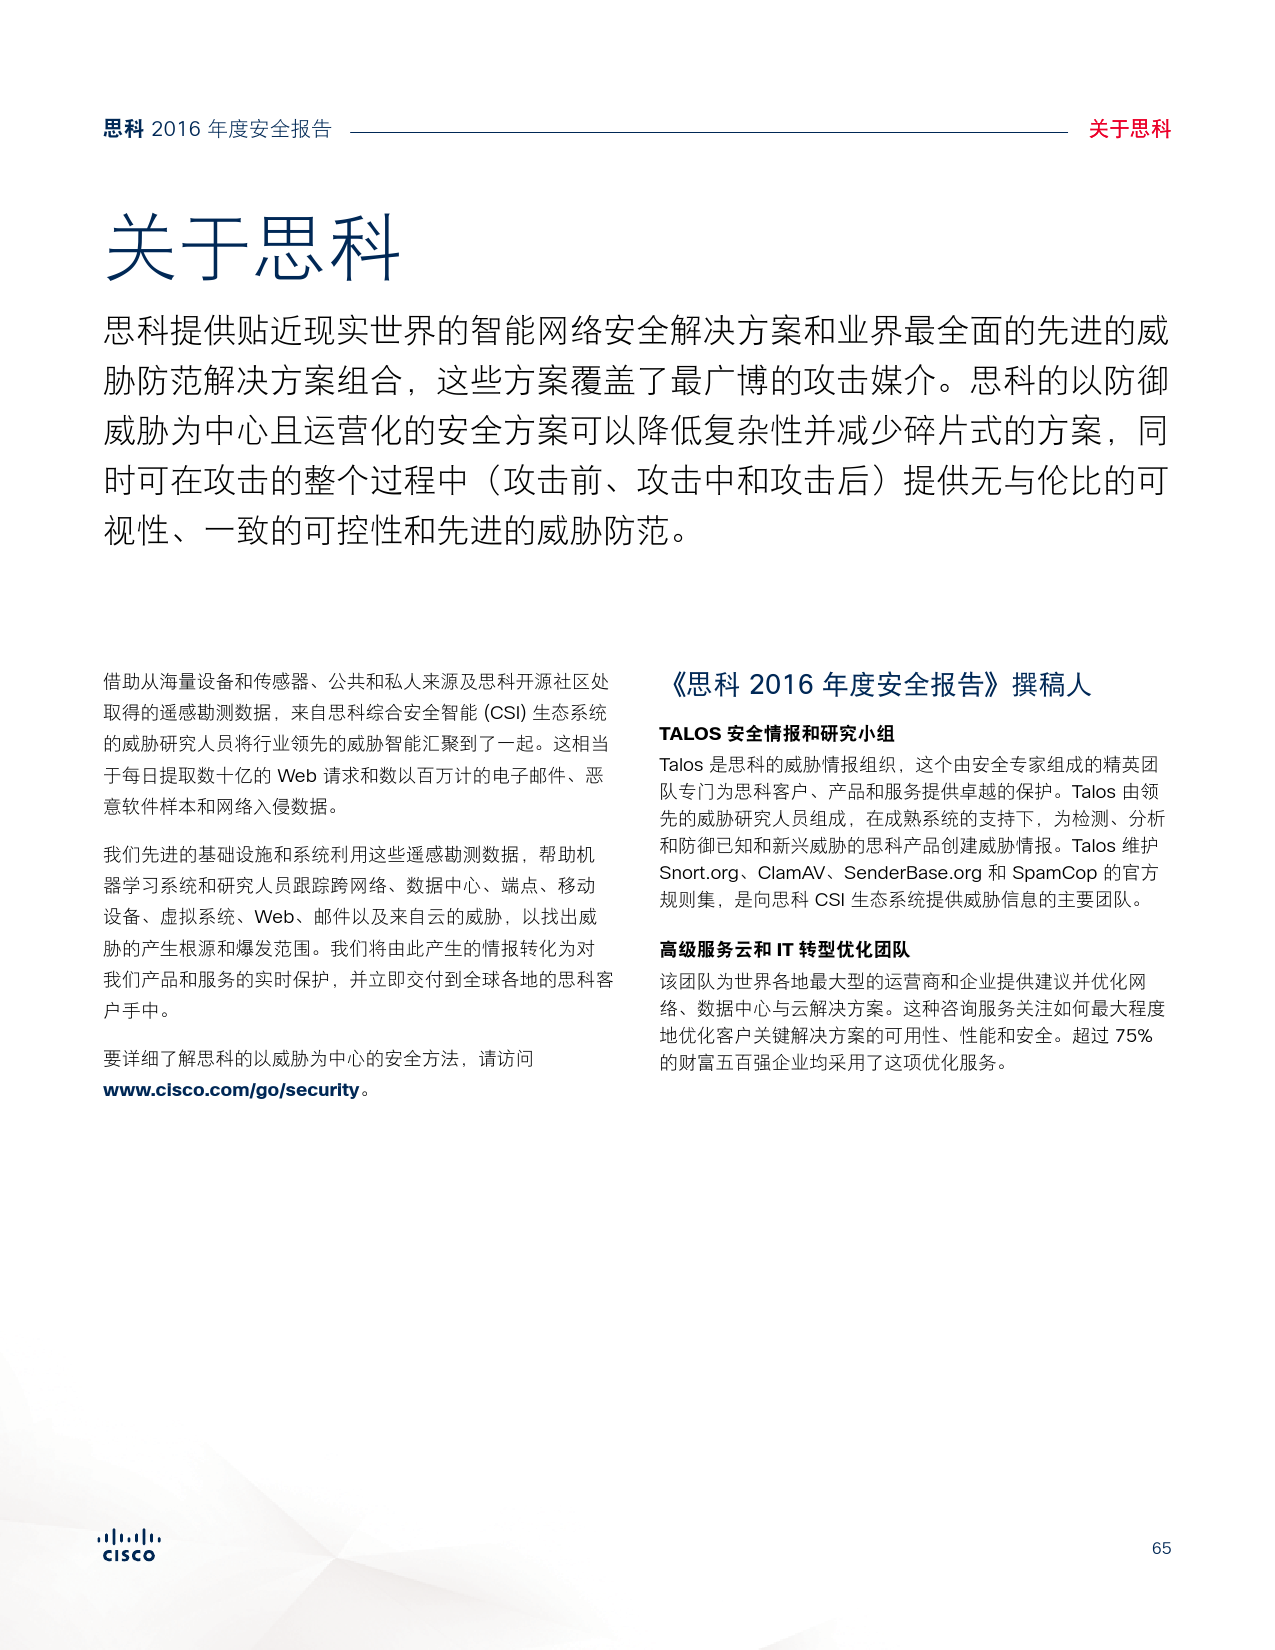 2016年中网络安全报告_000065